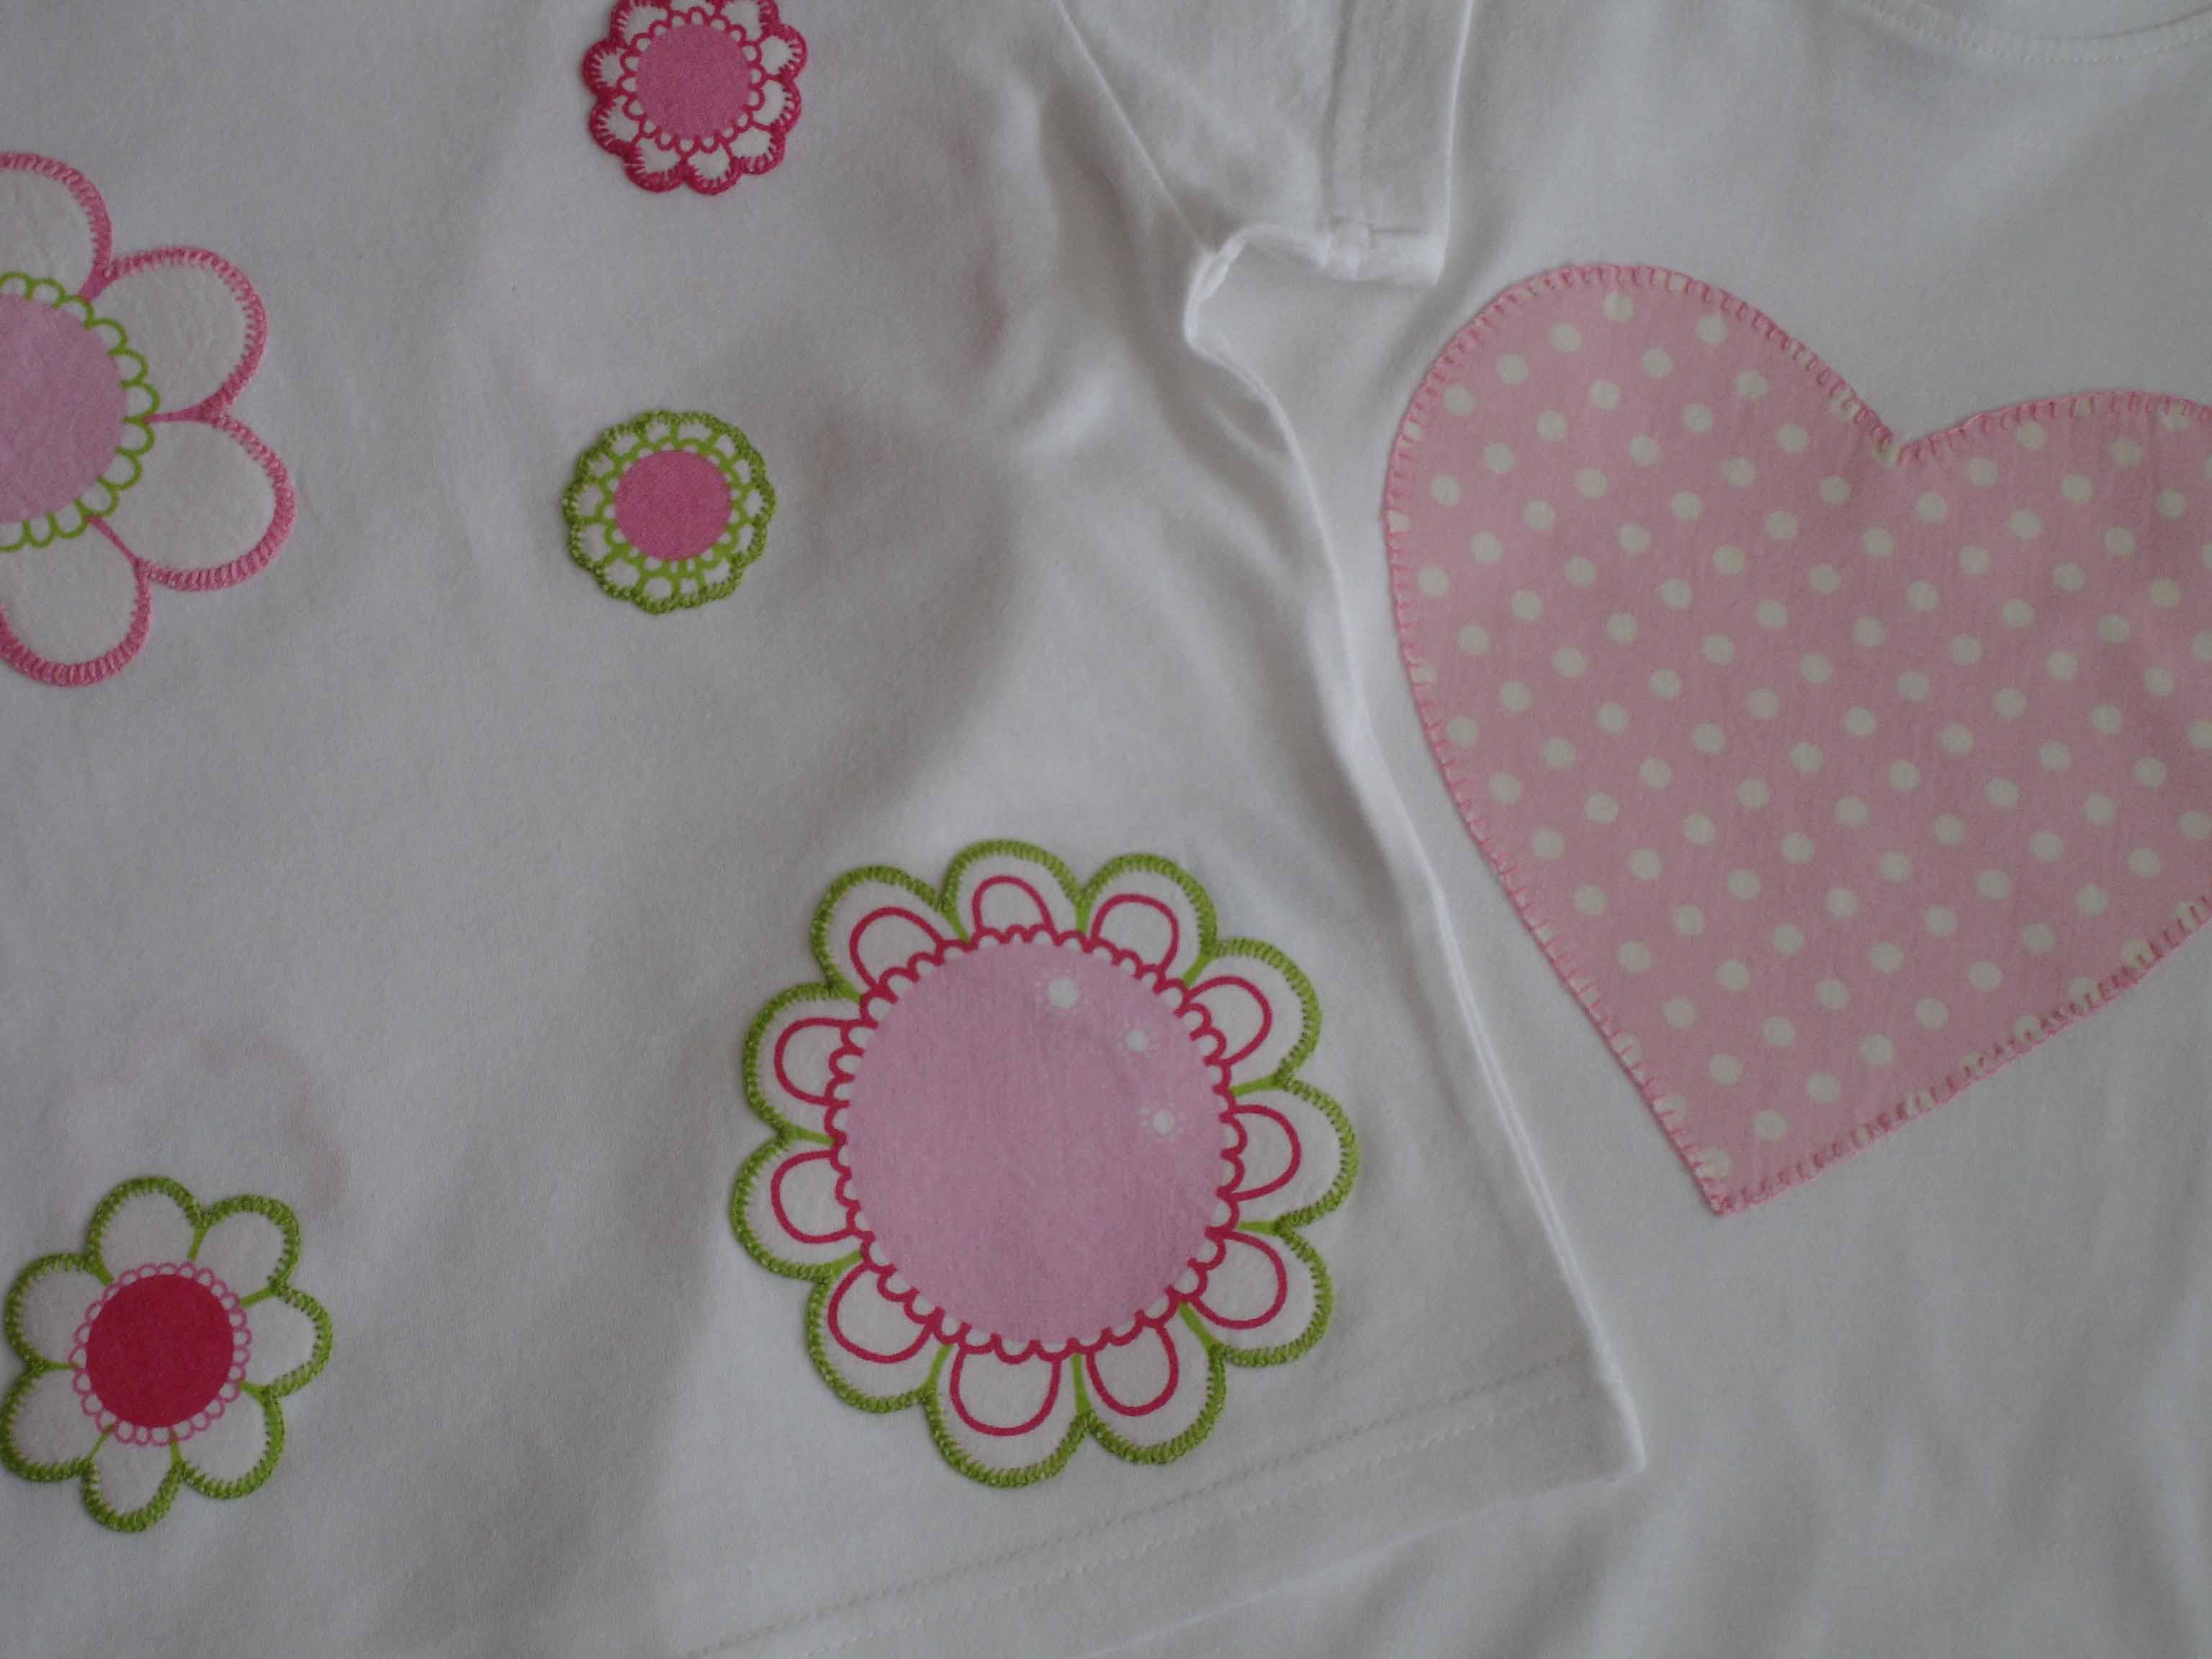 detalle camisetas flores y corazón copia